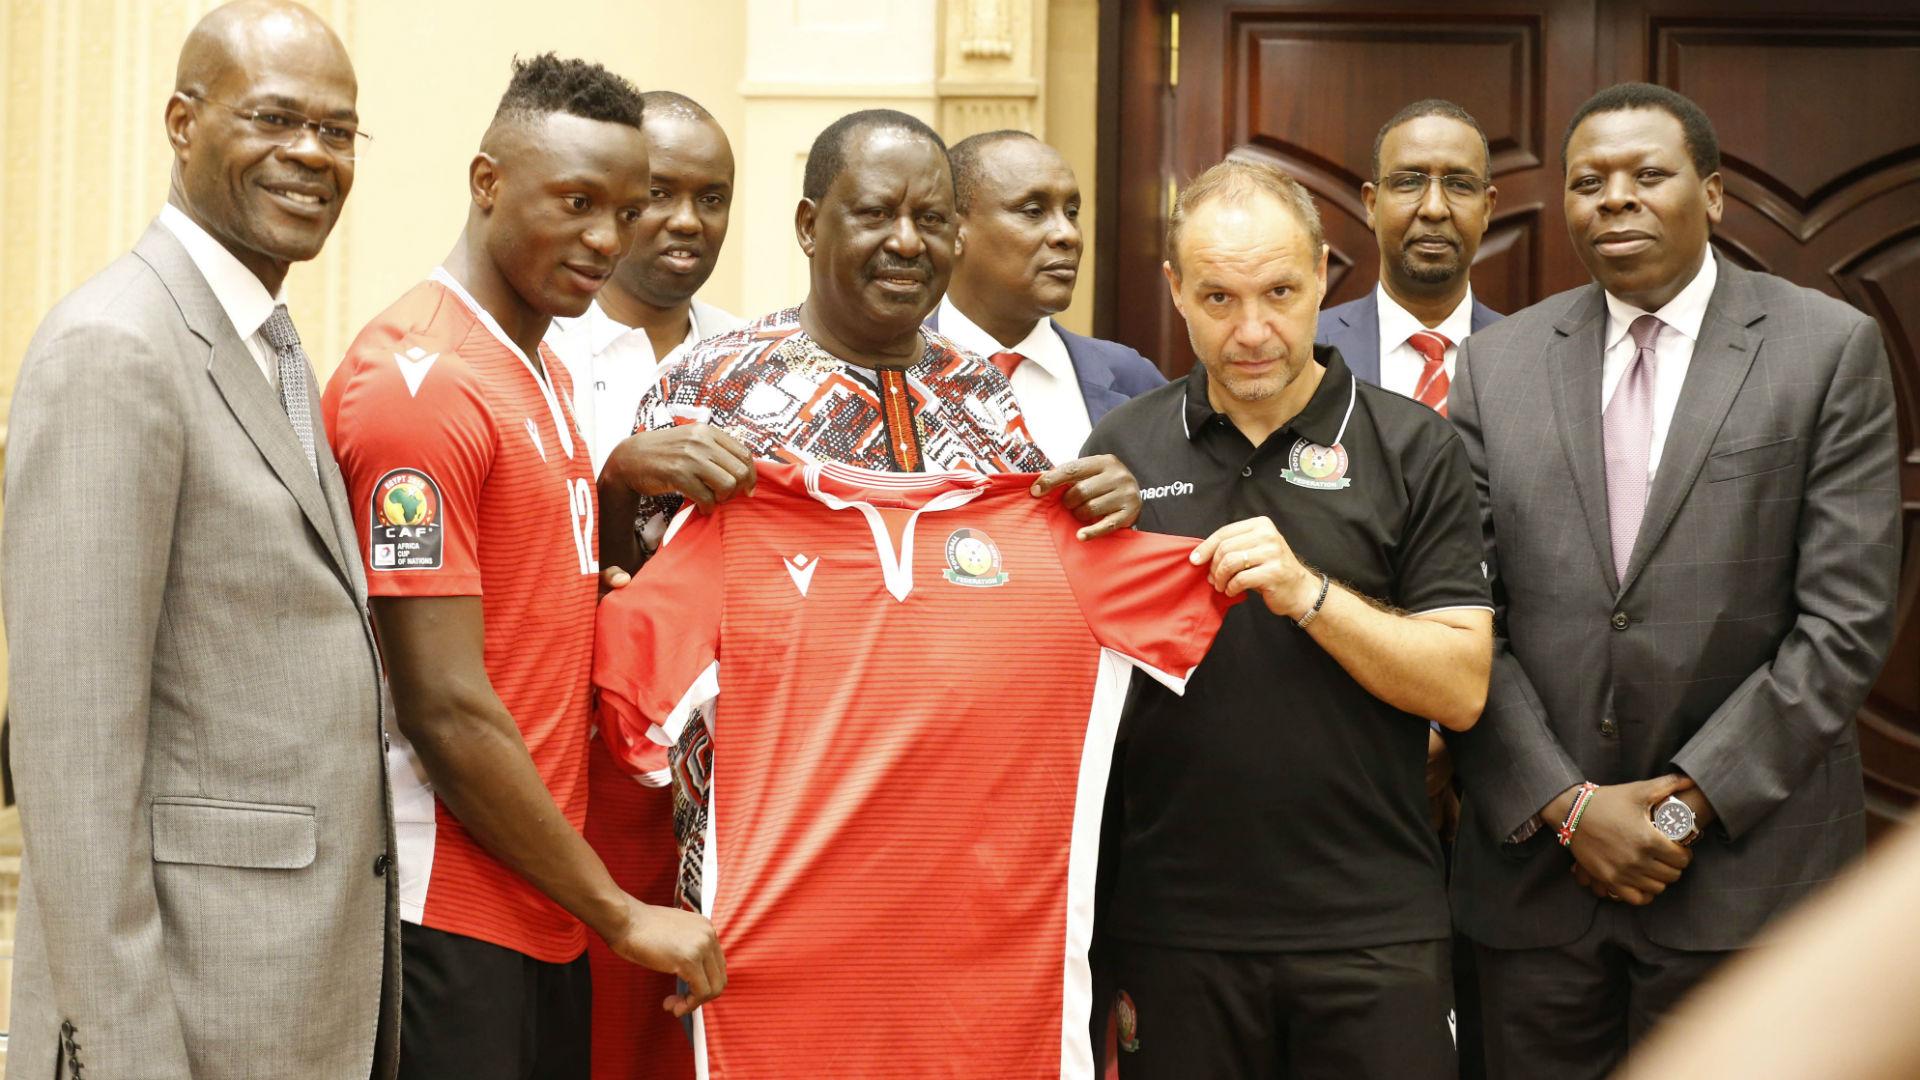 Afcon: Harambee Stars will do Kenyans proud in Egypt, says Raila Odinga